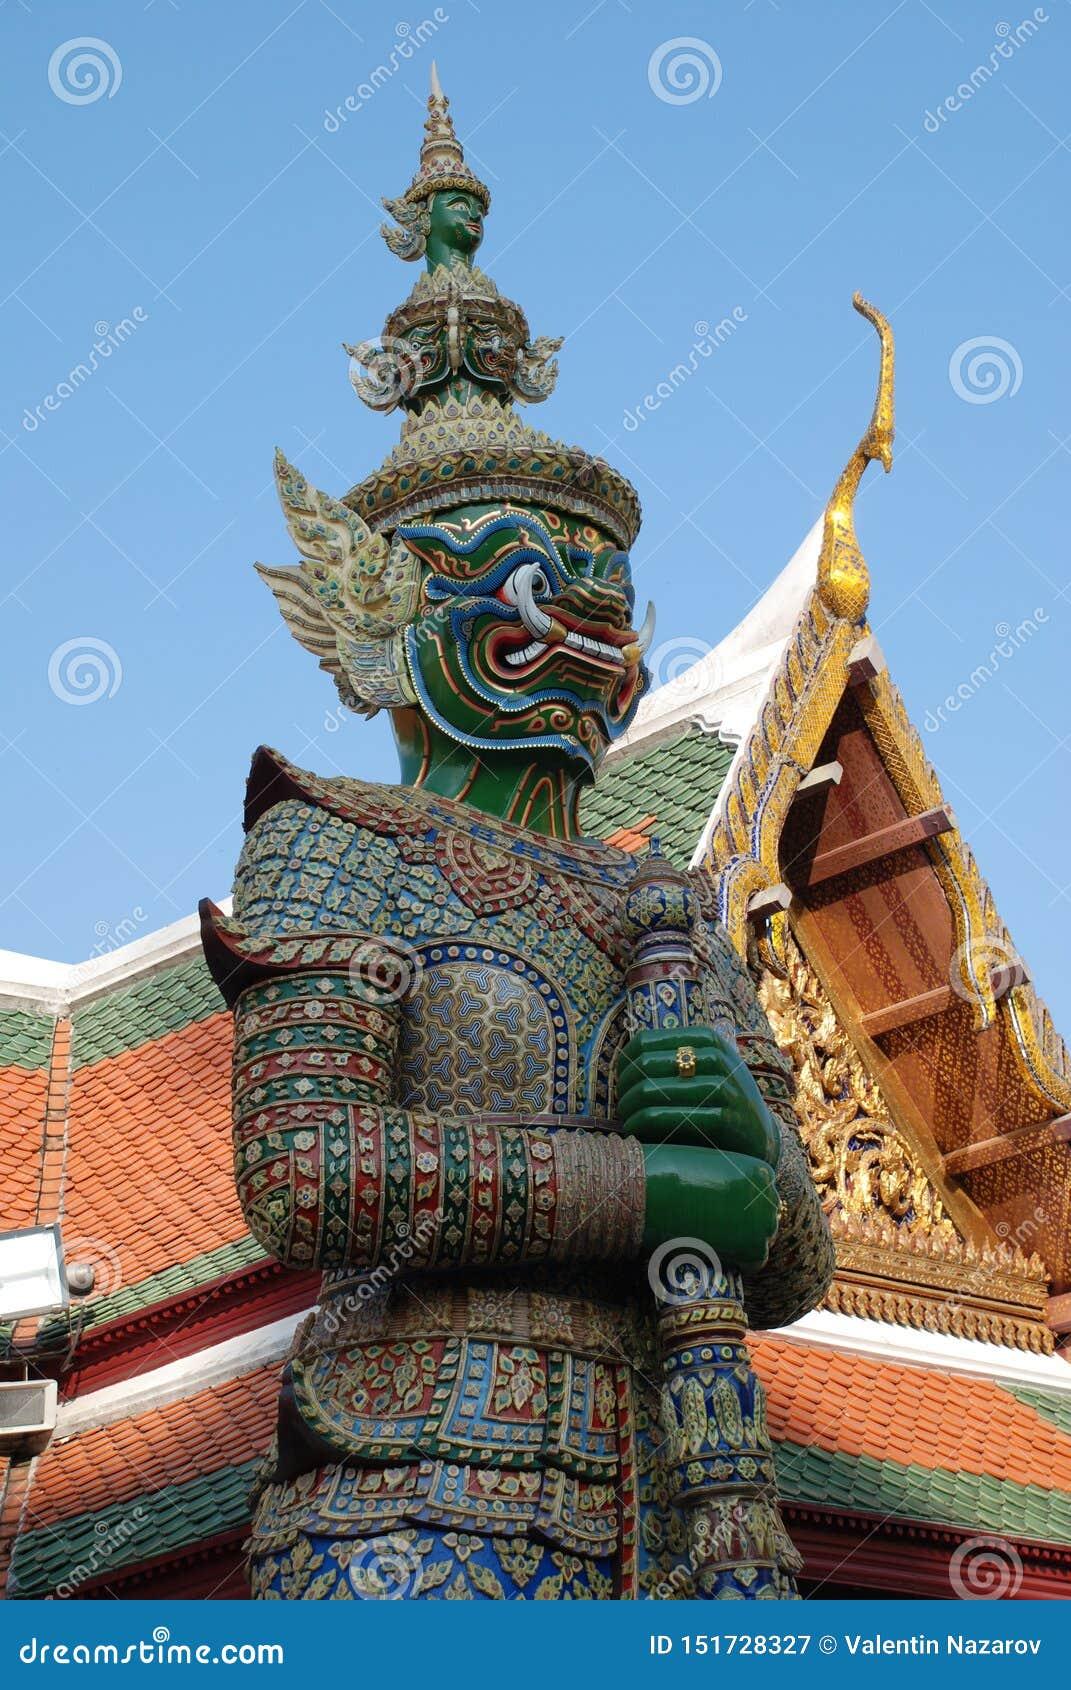 曼谷,泰国- 12 25 2012年:美丽的多彩多姿的雕塑和纪念碑在佛教寺庙